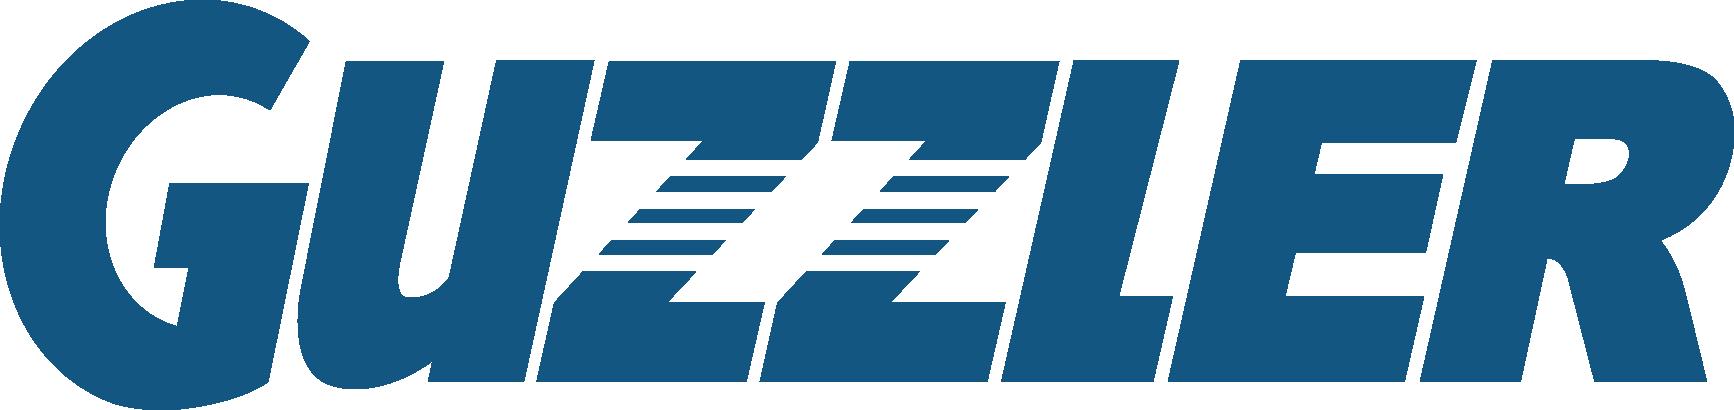 guzzler logo